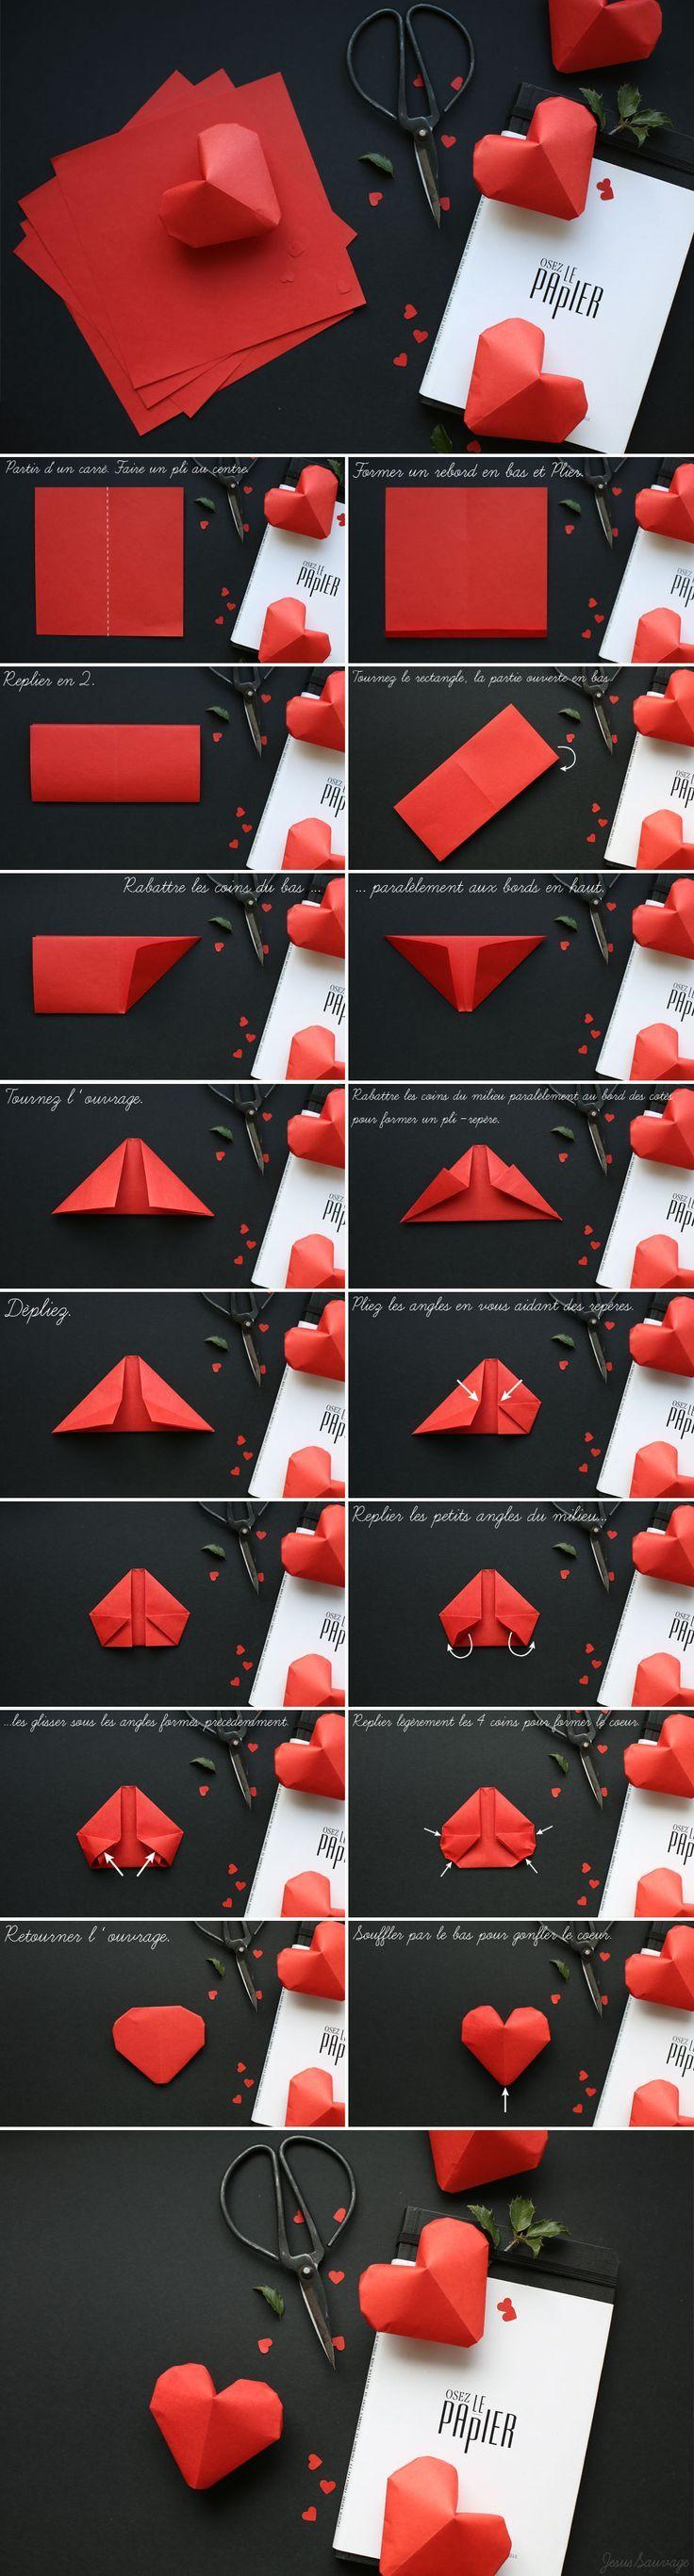 Aufblasbares Origami-Herz